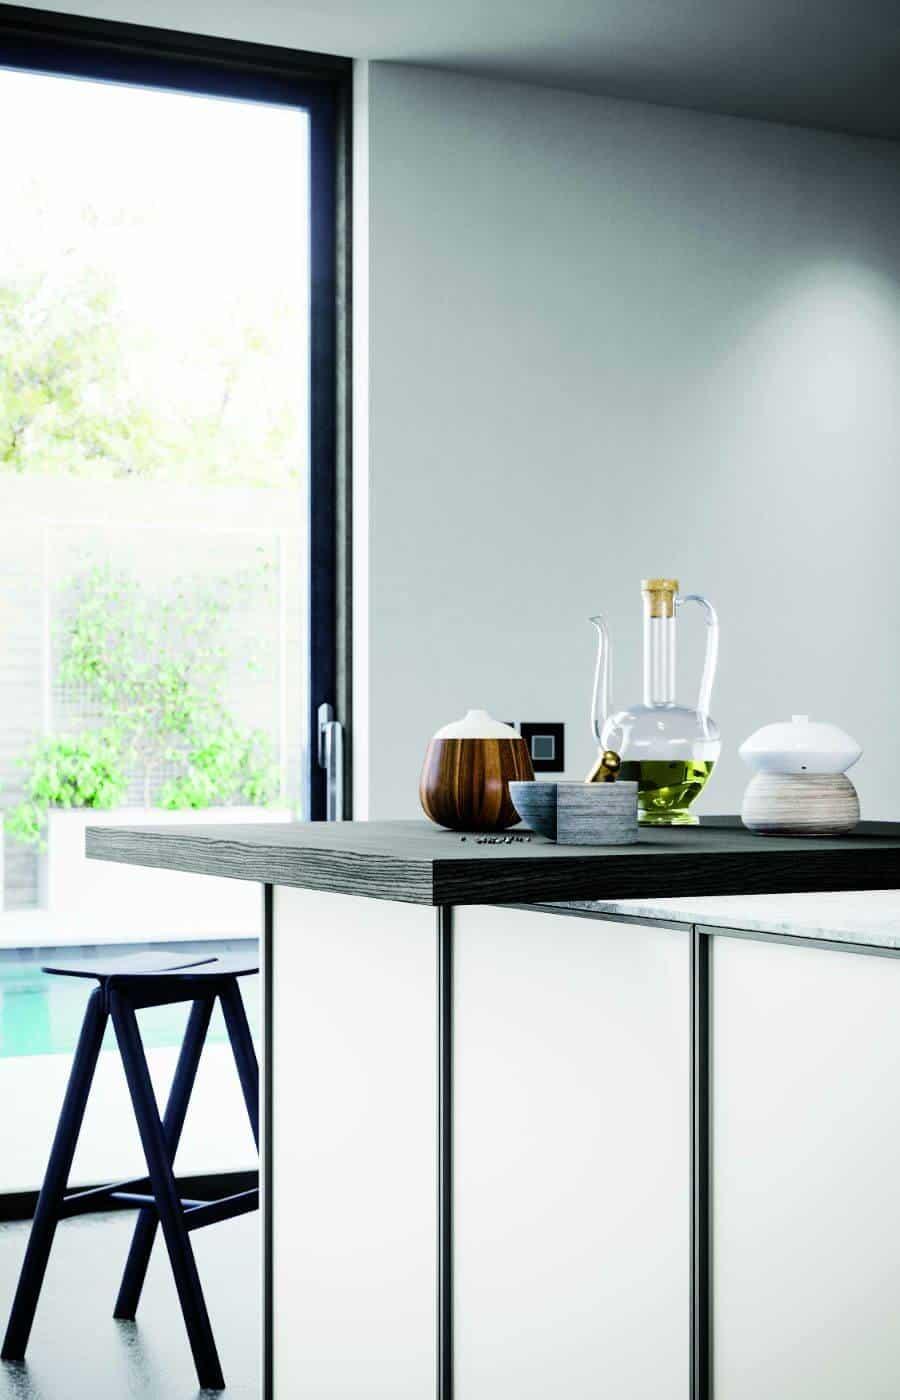 cucina-anta-profilo-top-sbalzo-collezione-ibis-il-mobile